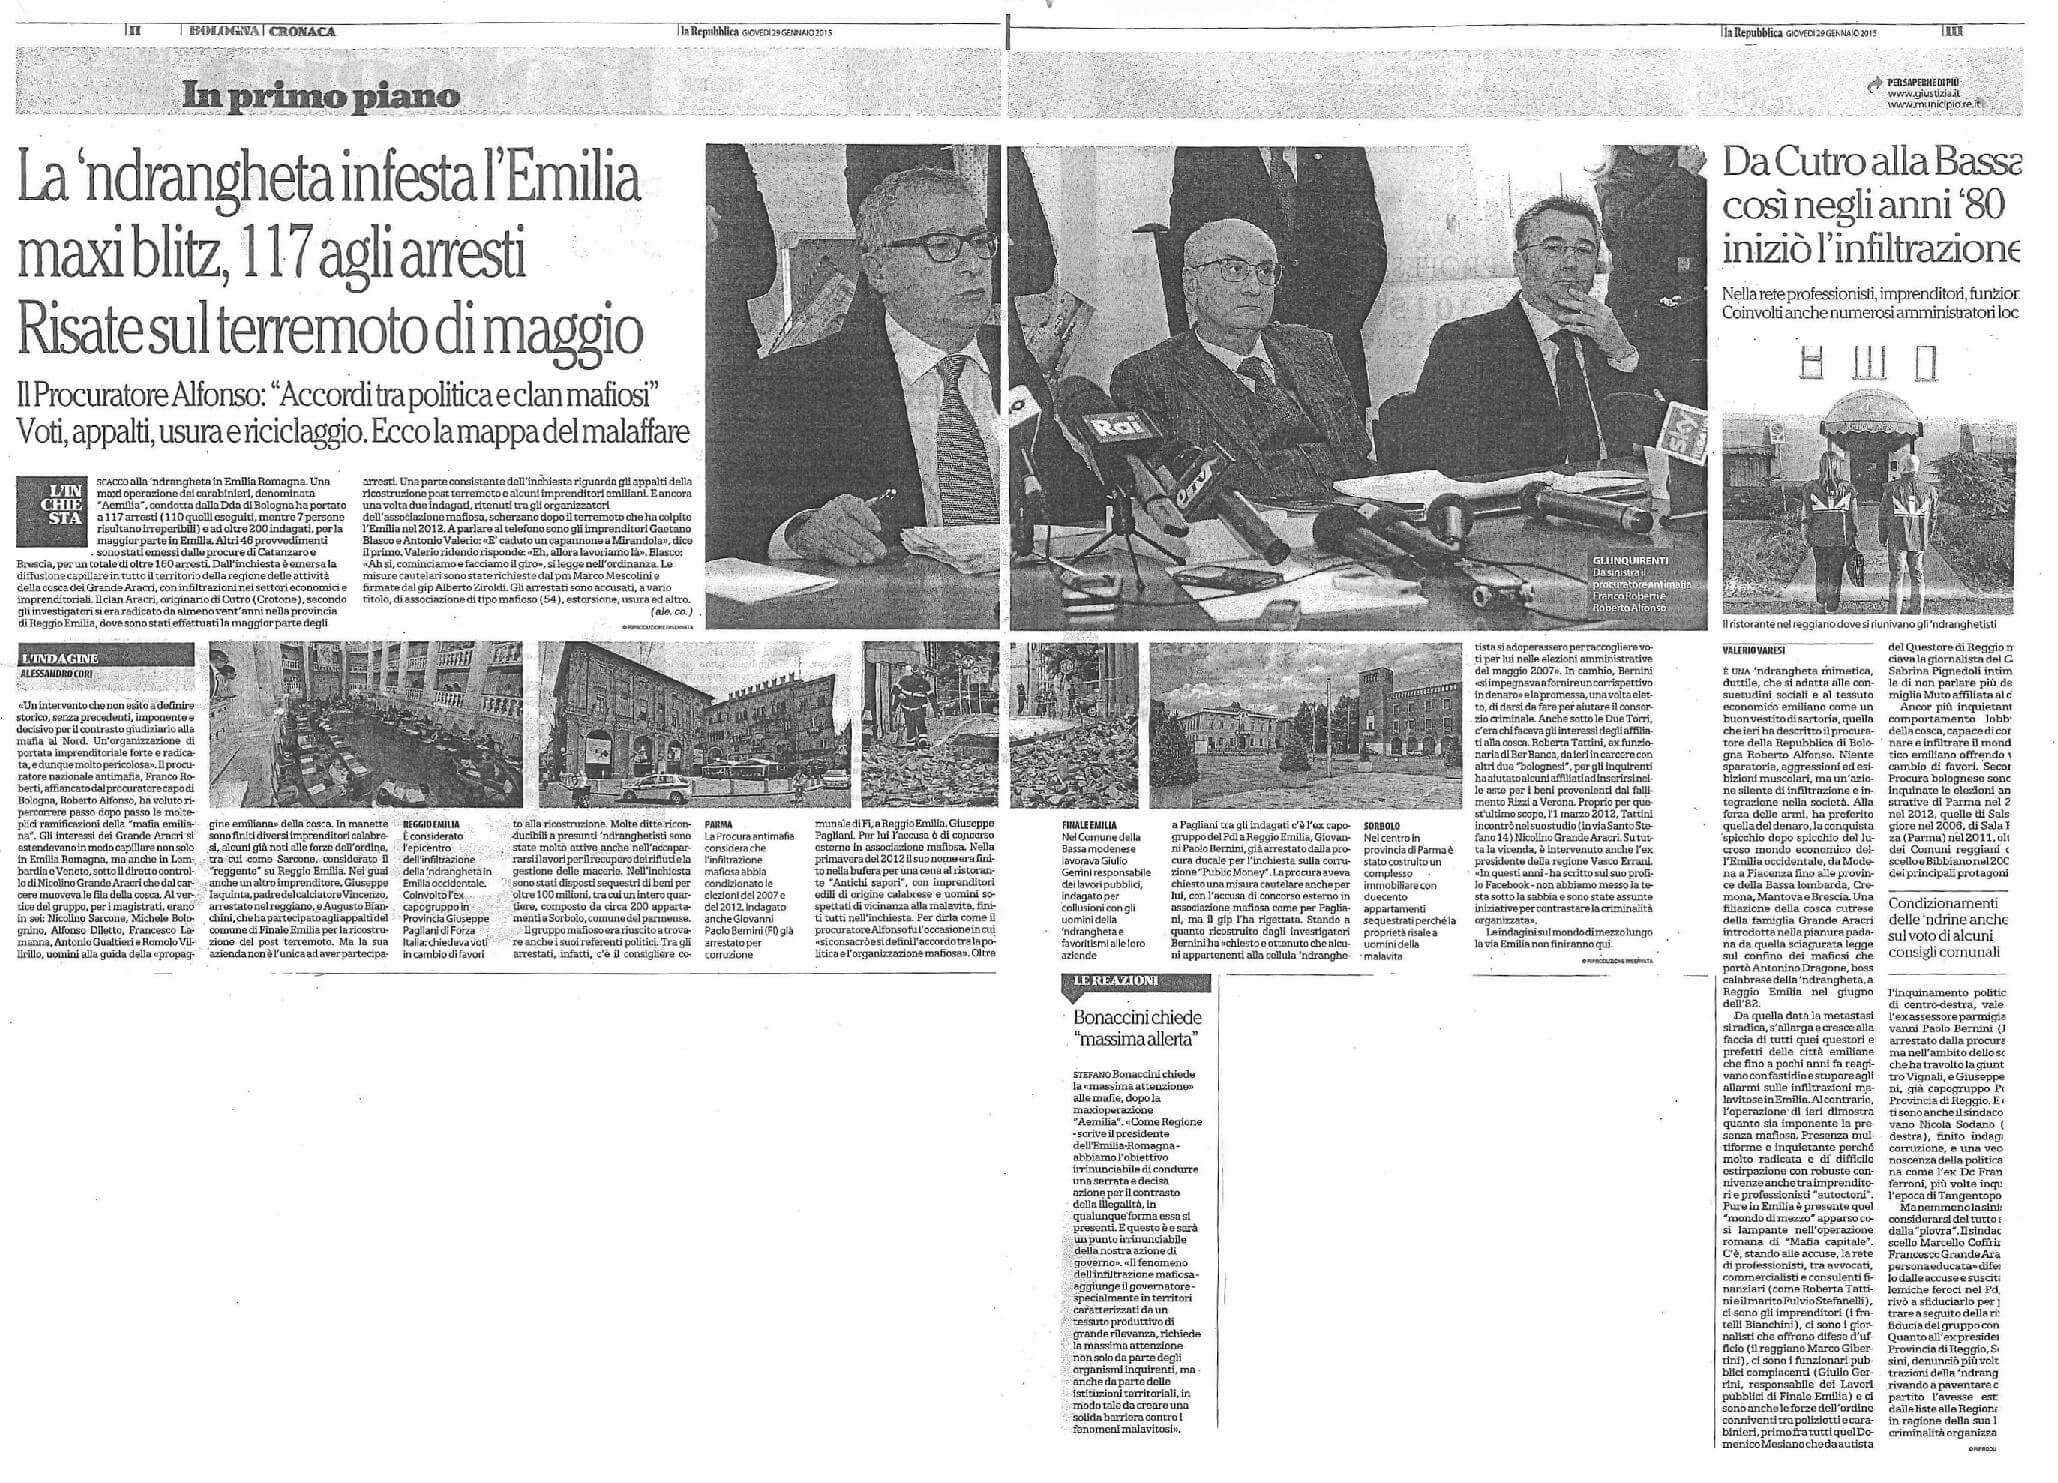 29_1_15_repubblica_bo-ii-e-iii-page-001